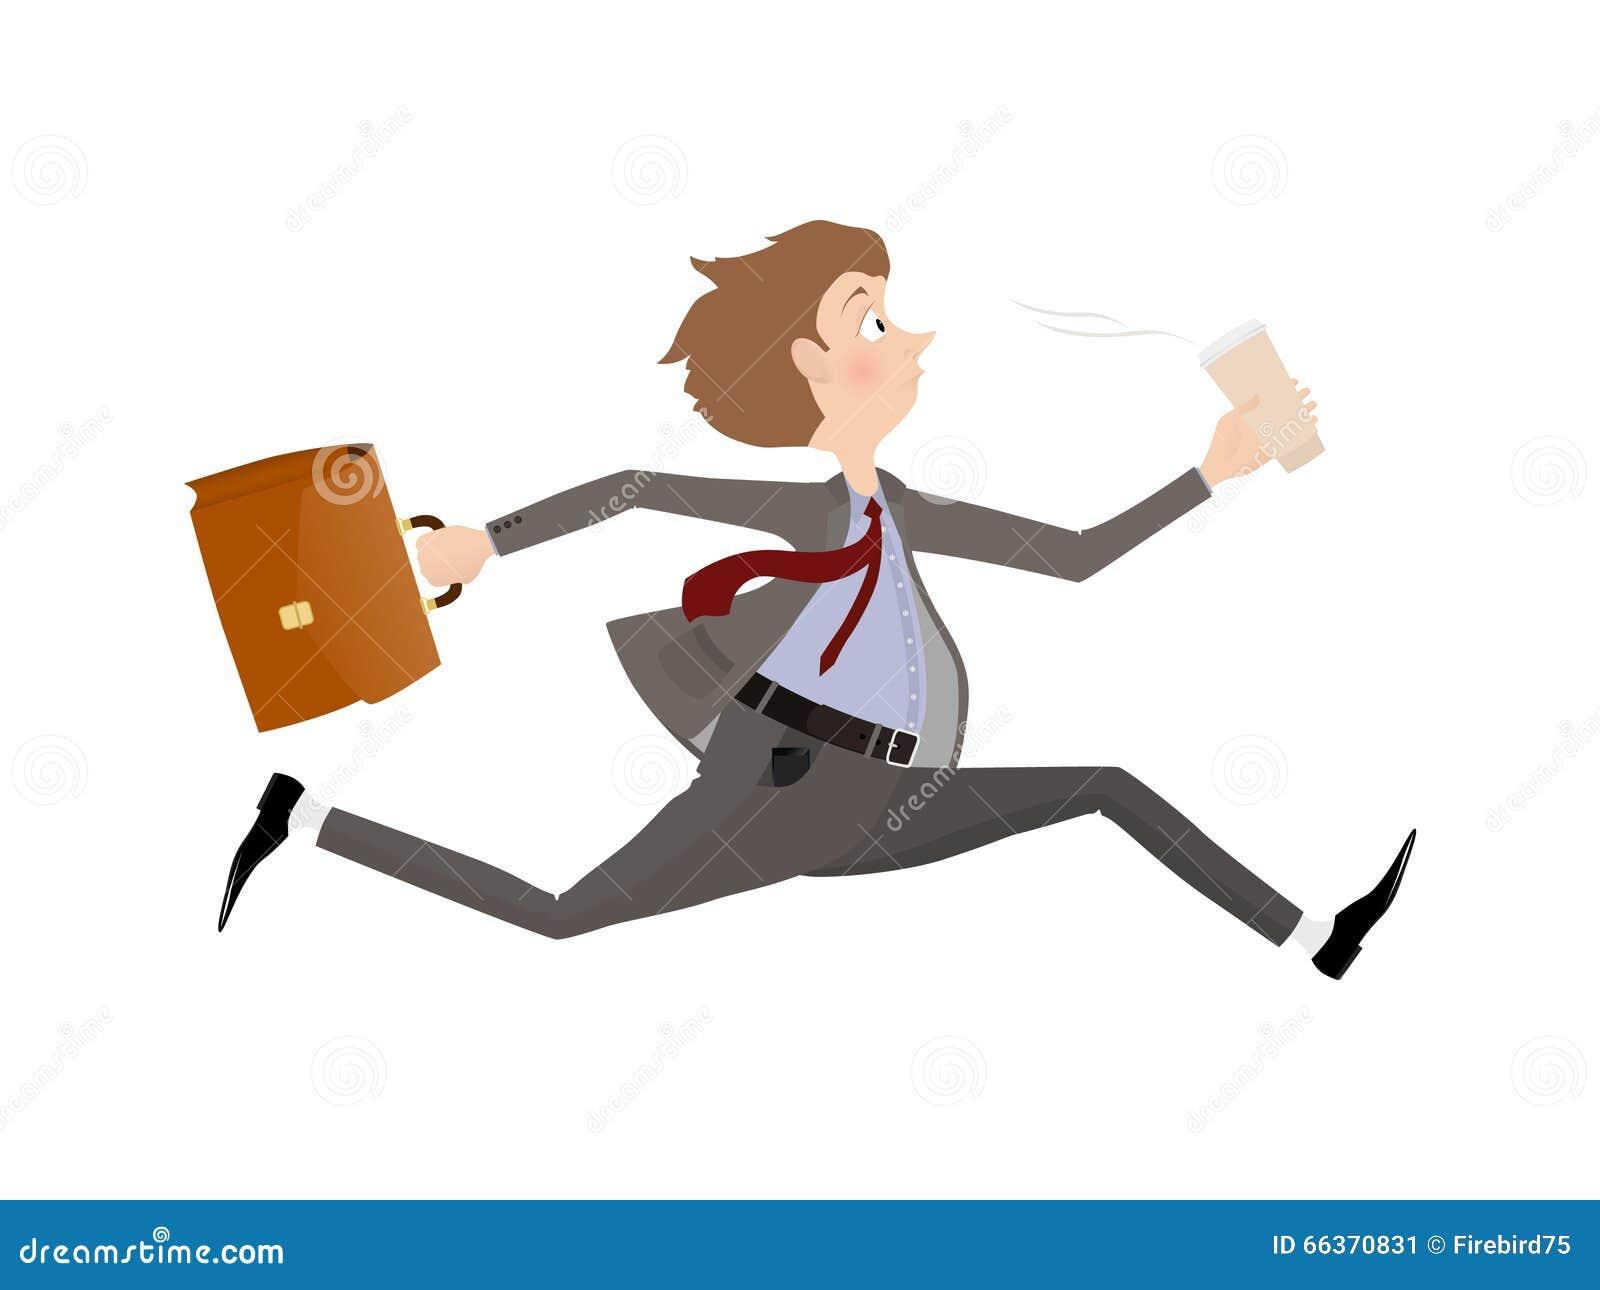 Anställd rusar till kontoret till början av arbetsdags Affärsman sent för en tidsbeställning